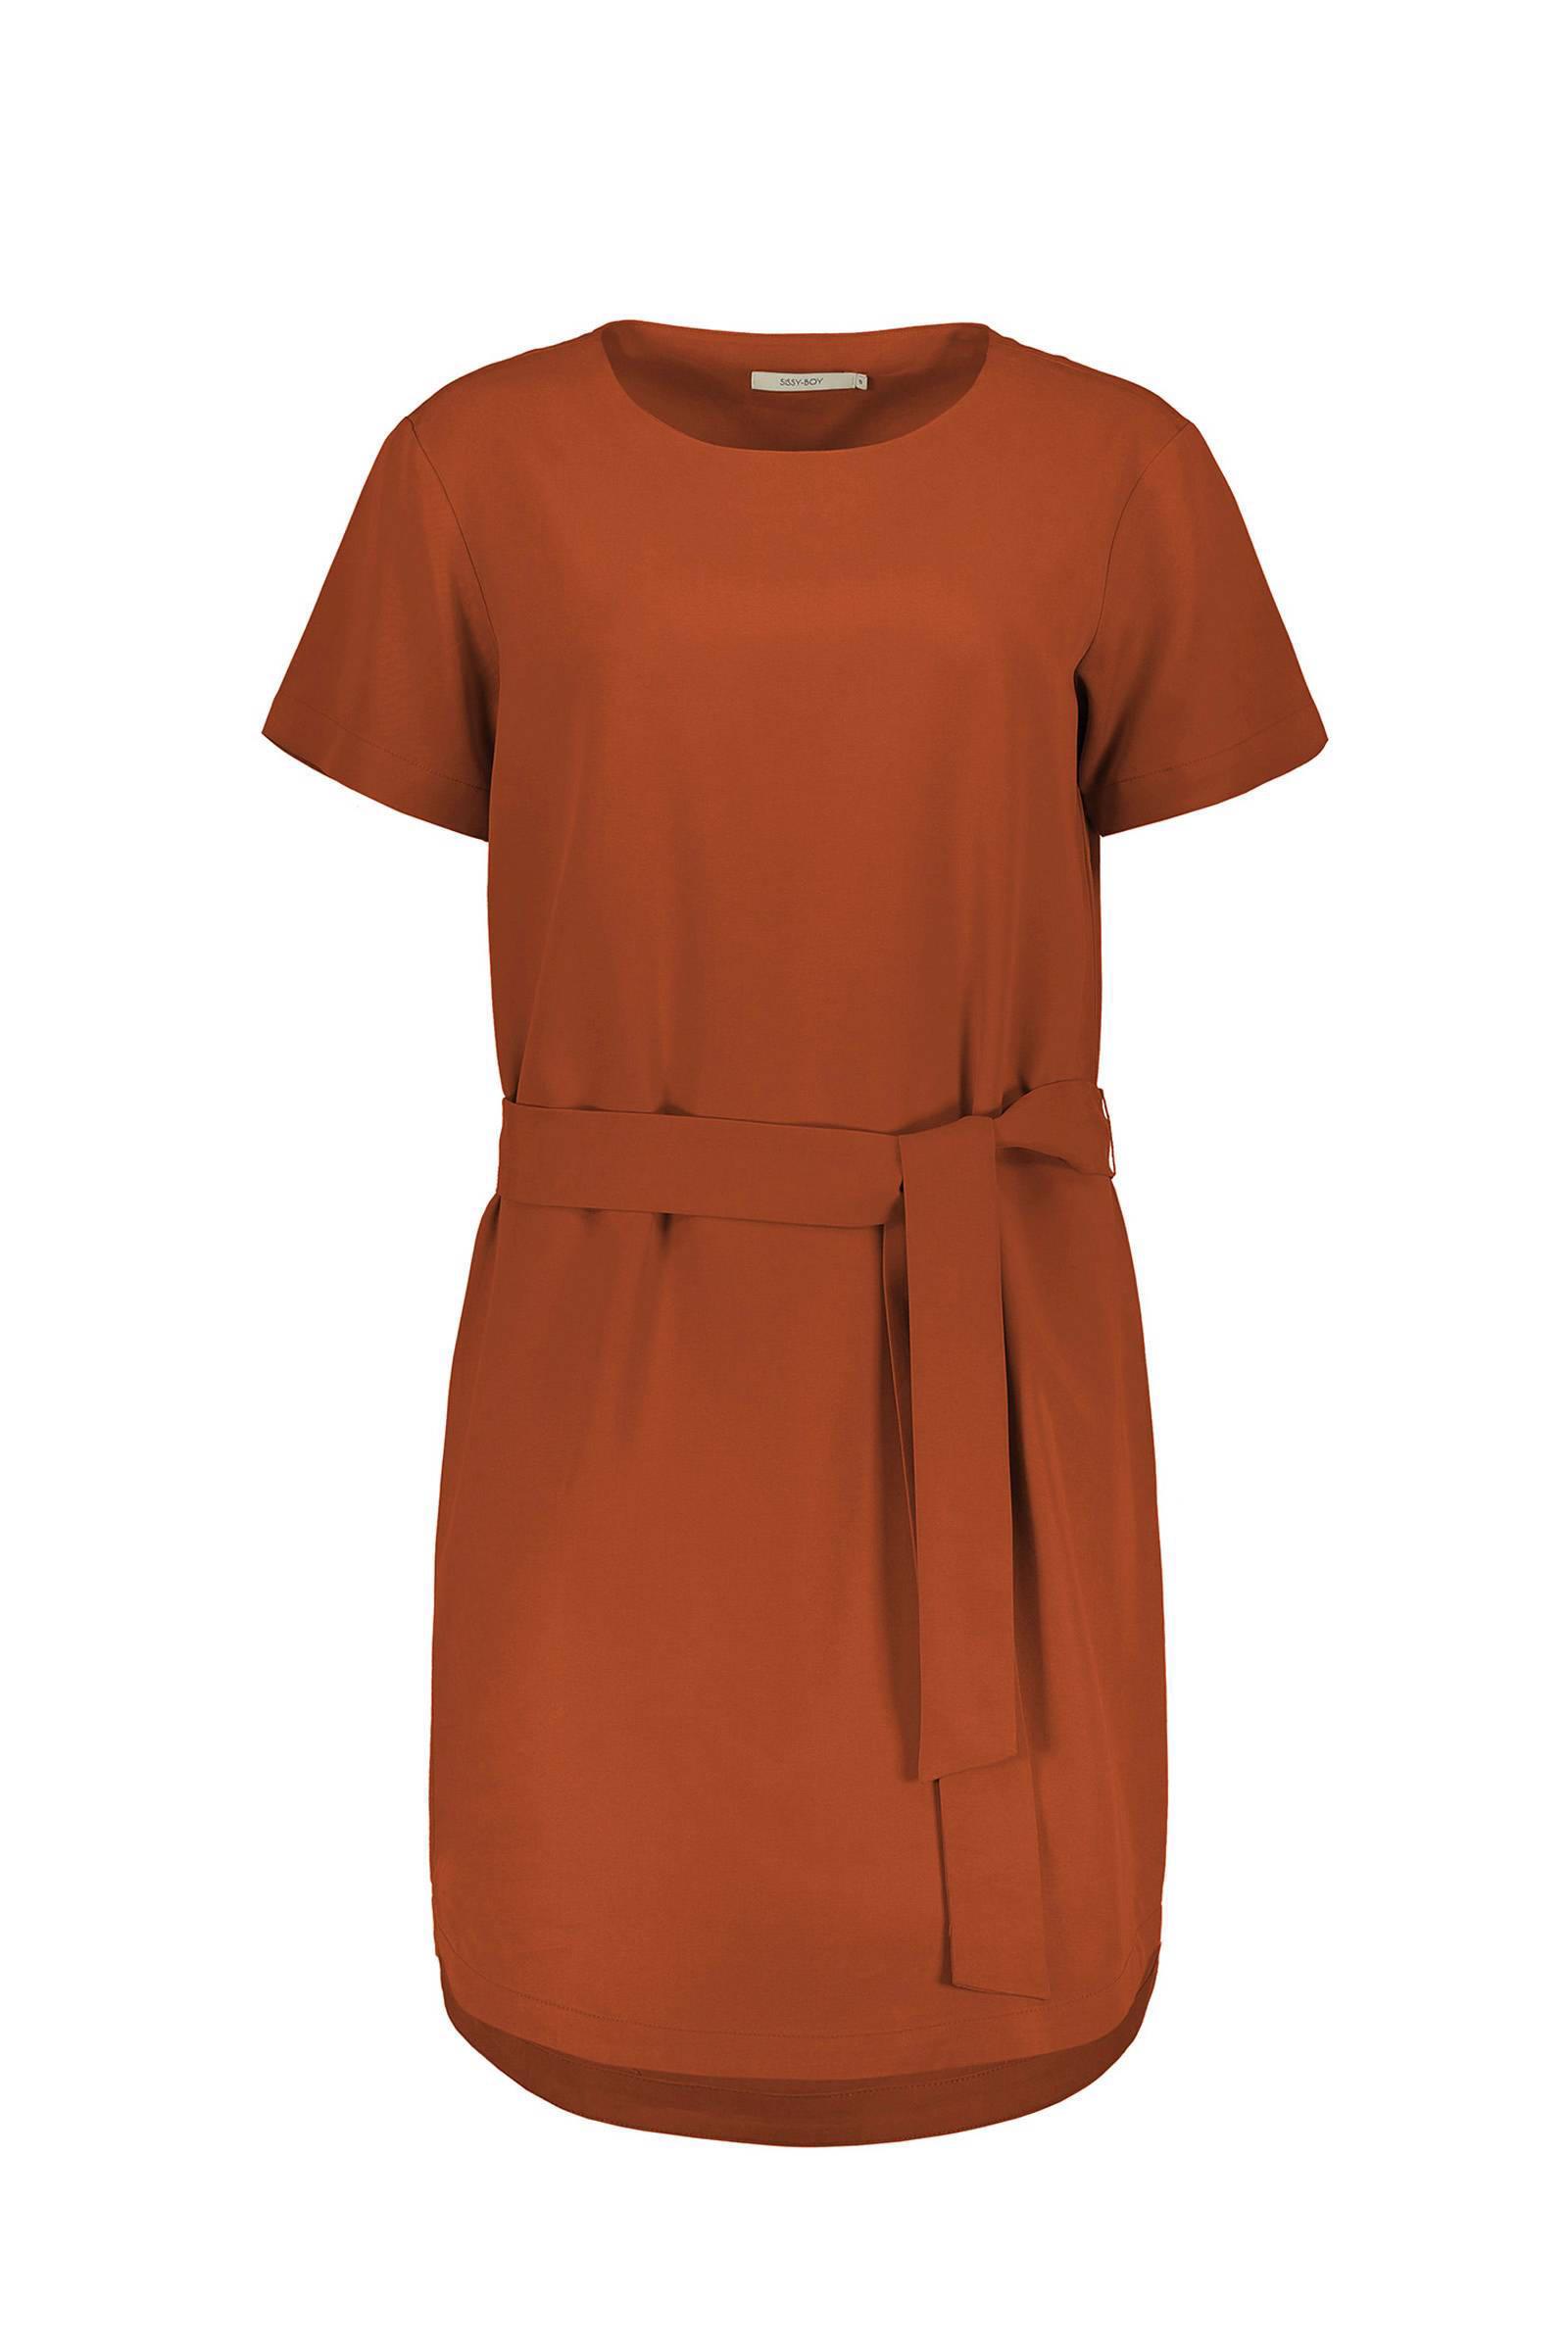 sissy boy jurk rood